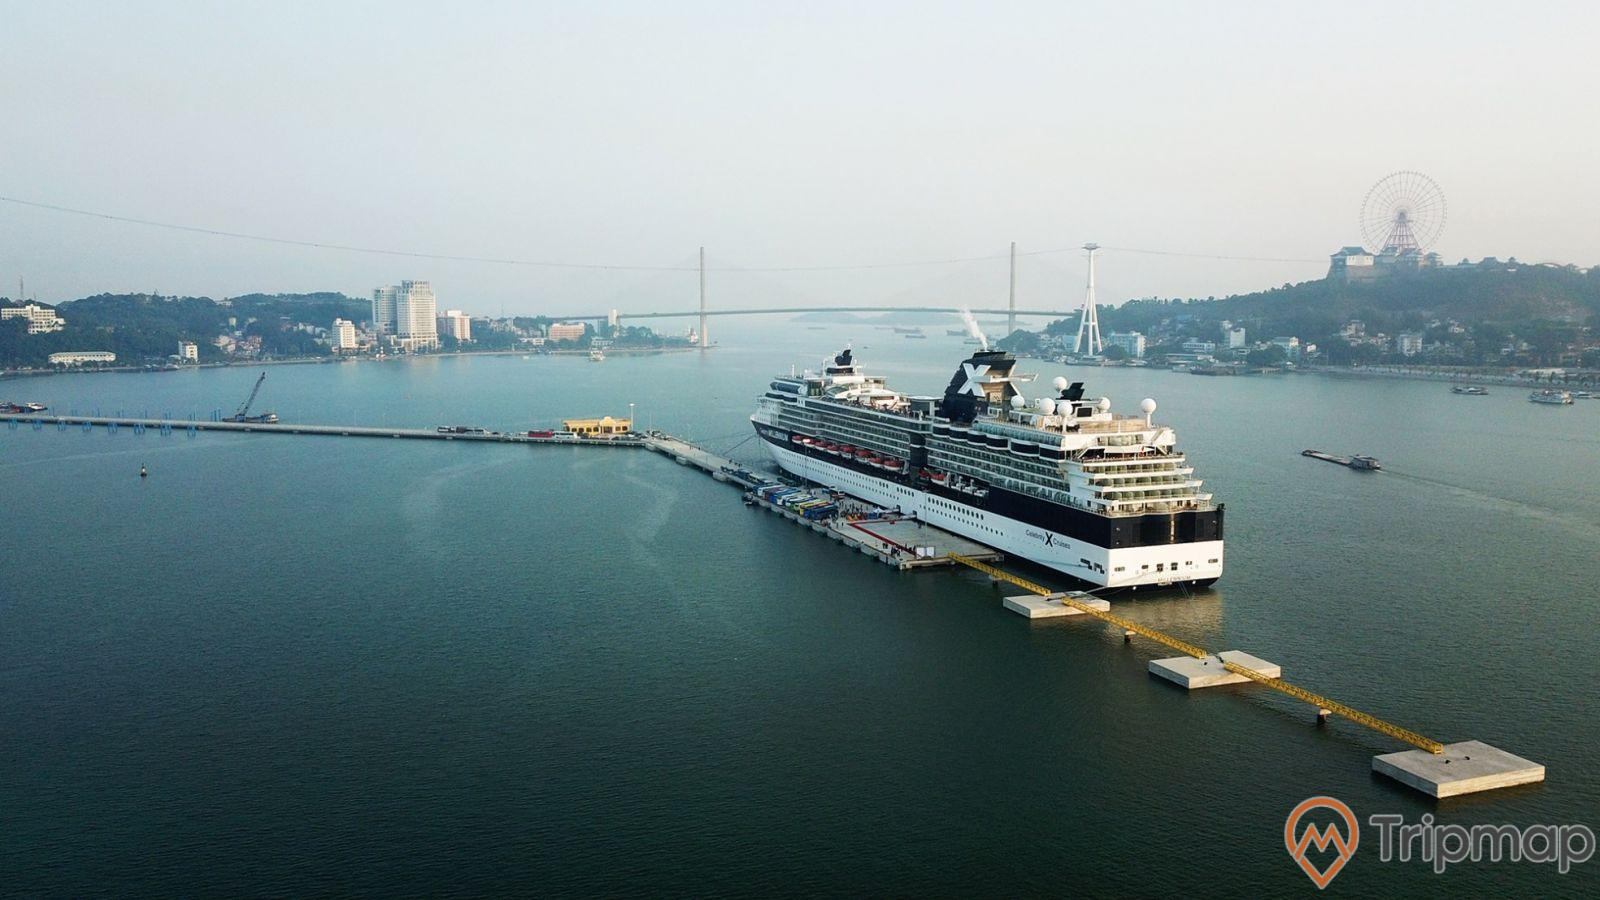 Hiện đại và hoành tráng khi đến với cảng Quốc tế Hạ Long